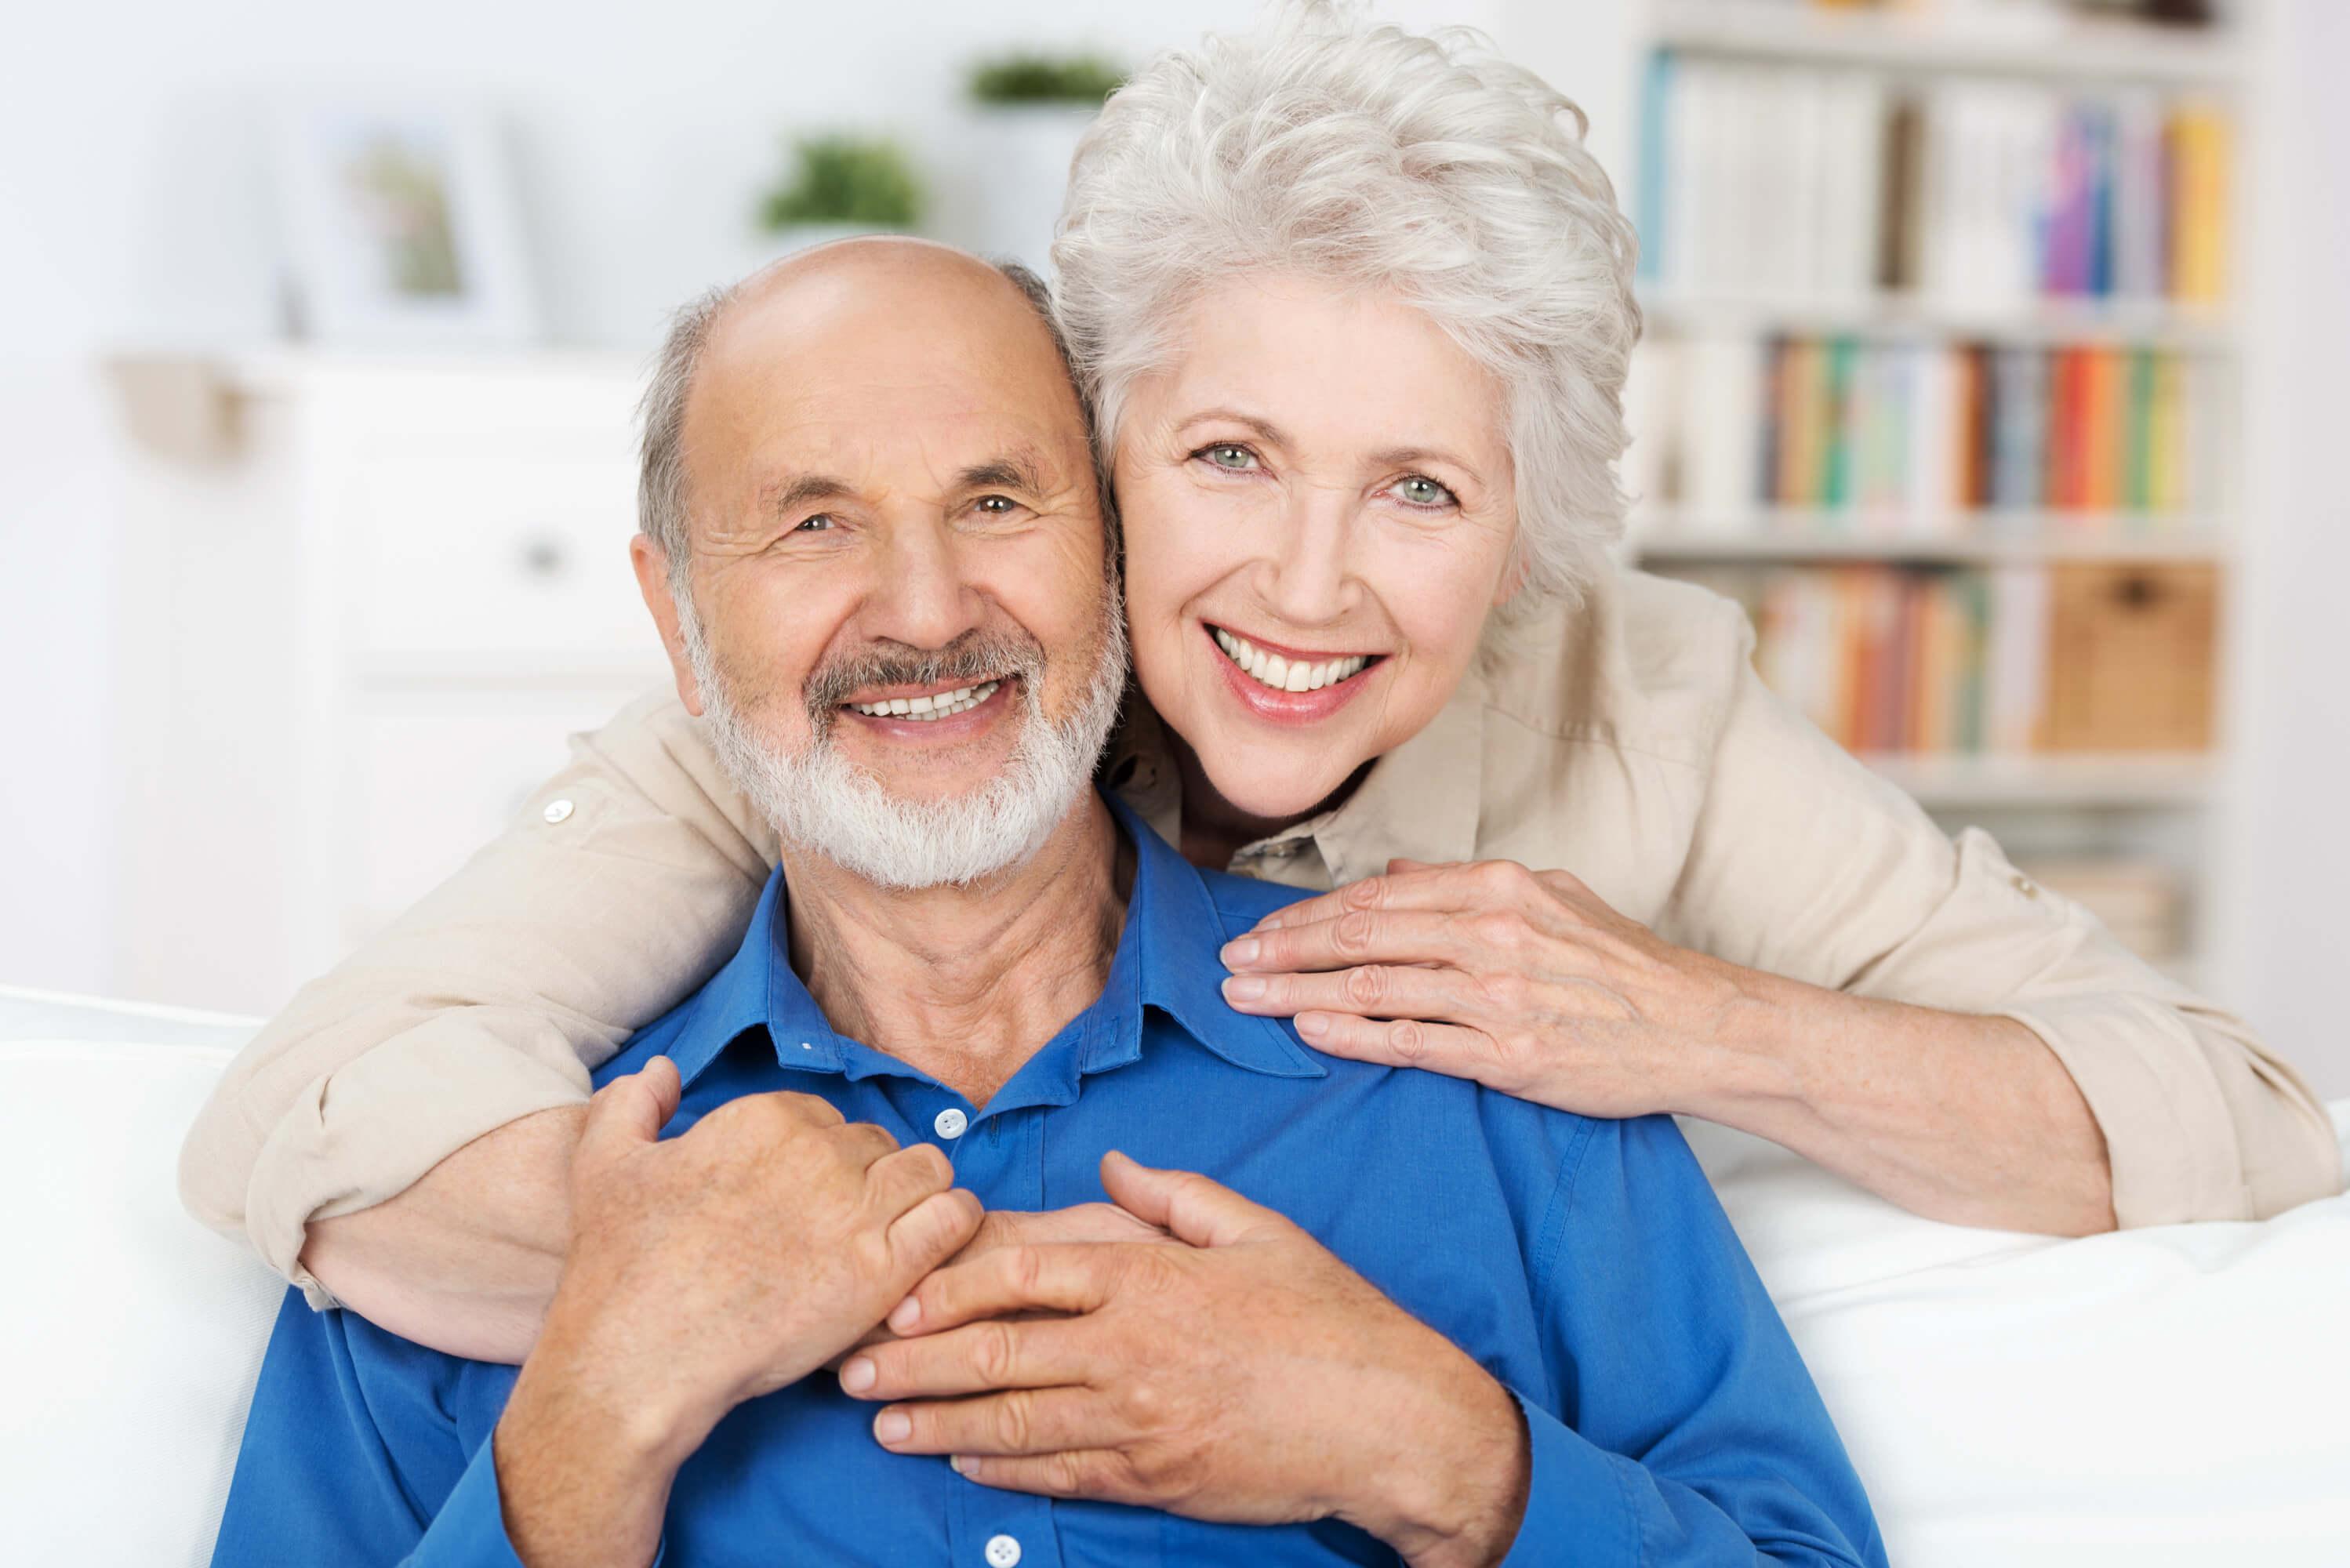 Behandlung unter Narkose bedeutet eine entspannte und schmerzfreie Versorgung beim Zahnarzt